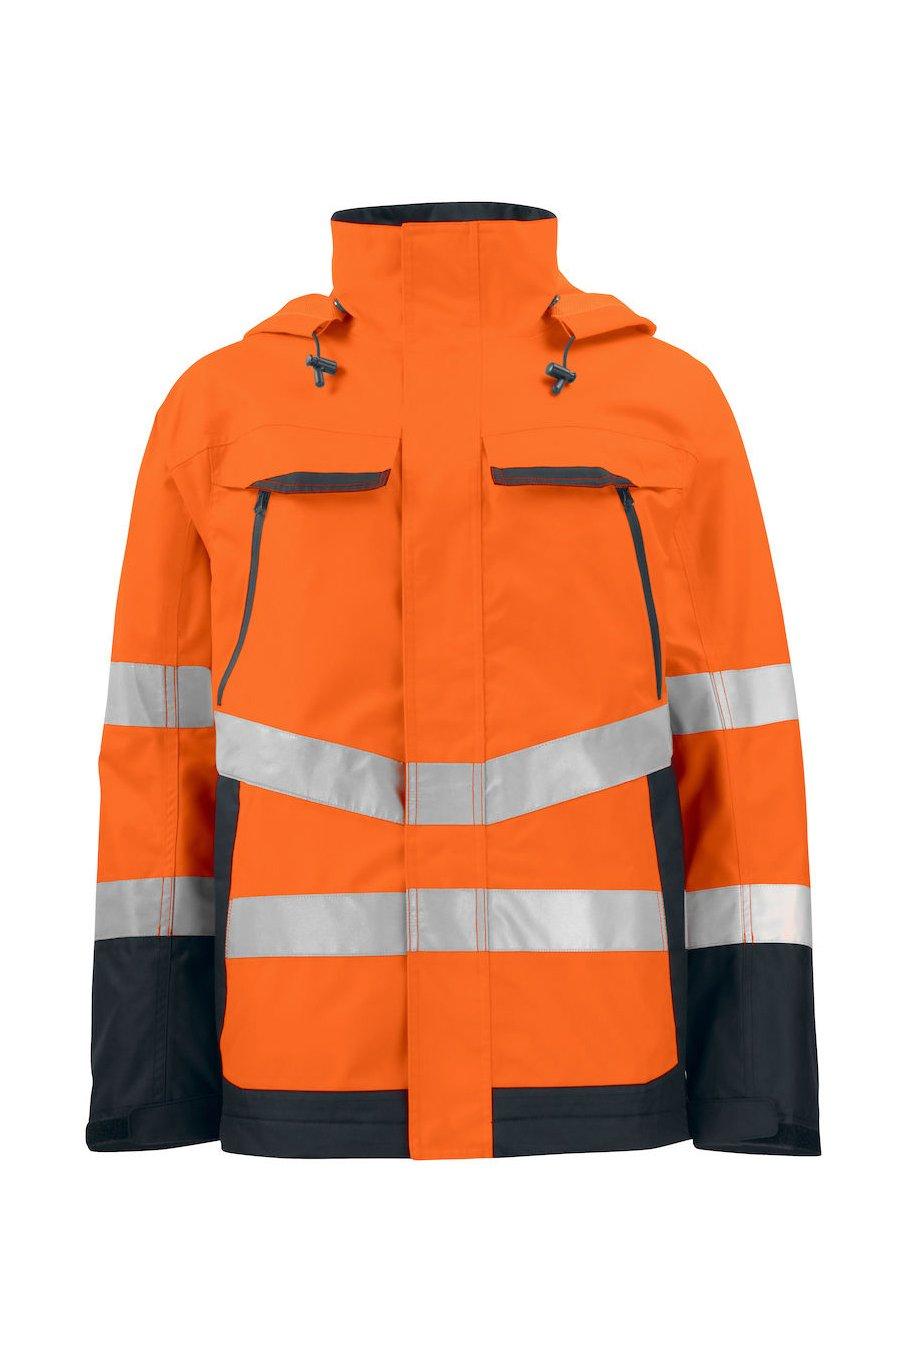 Wind- und wasserdichte Warnschutz-Jacke EN ISO 20471 Klasse 3, ISO 343, gelb/marineblau